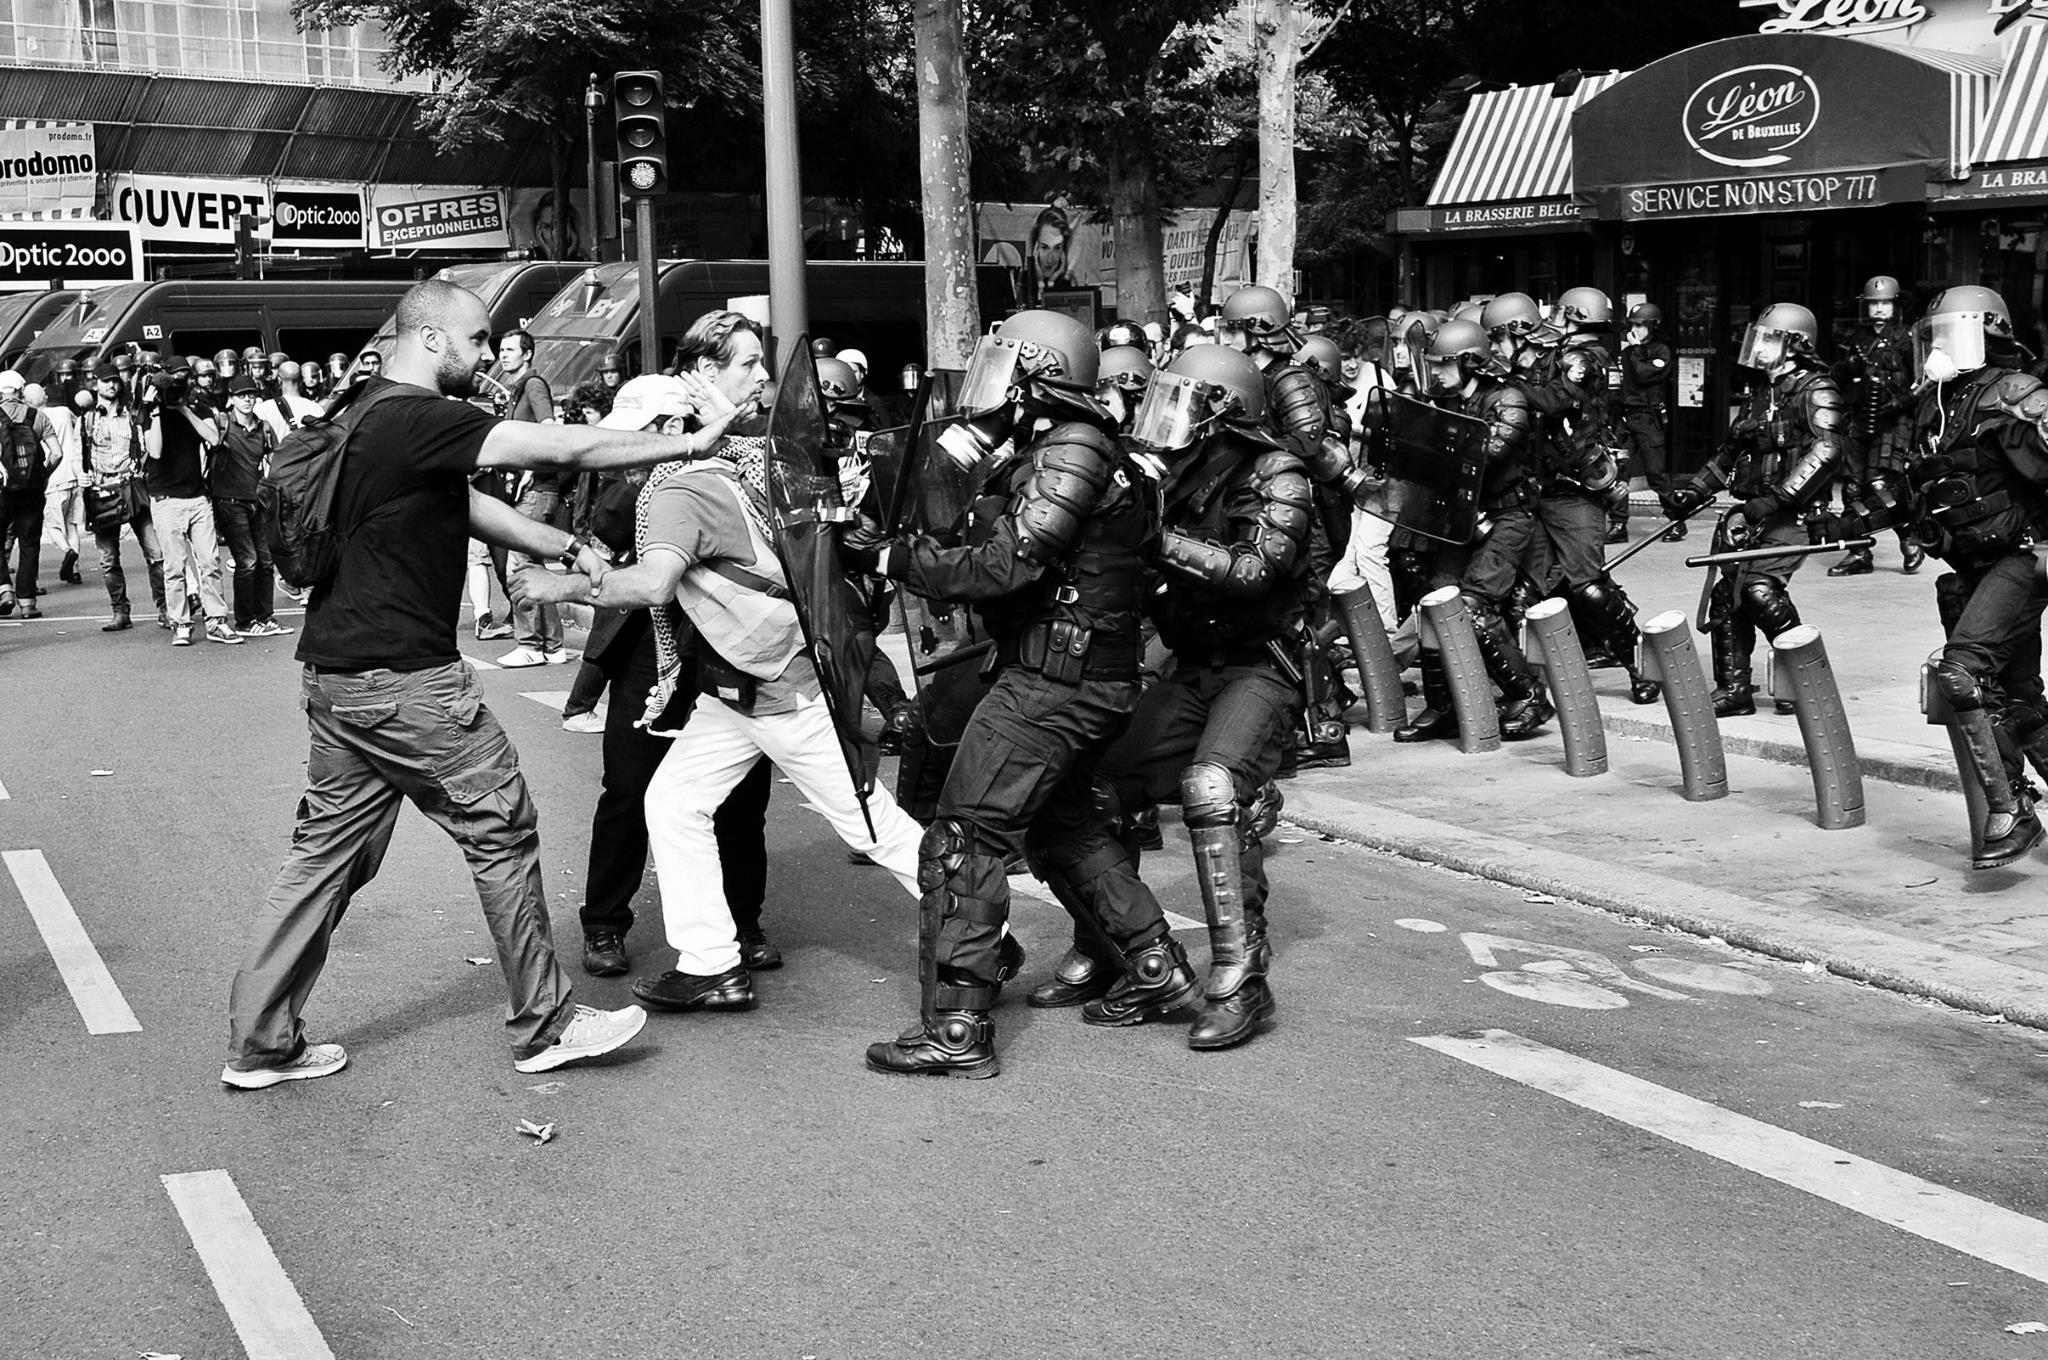 Confrontation - LINSTABLE PHOTOGRAPHE